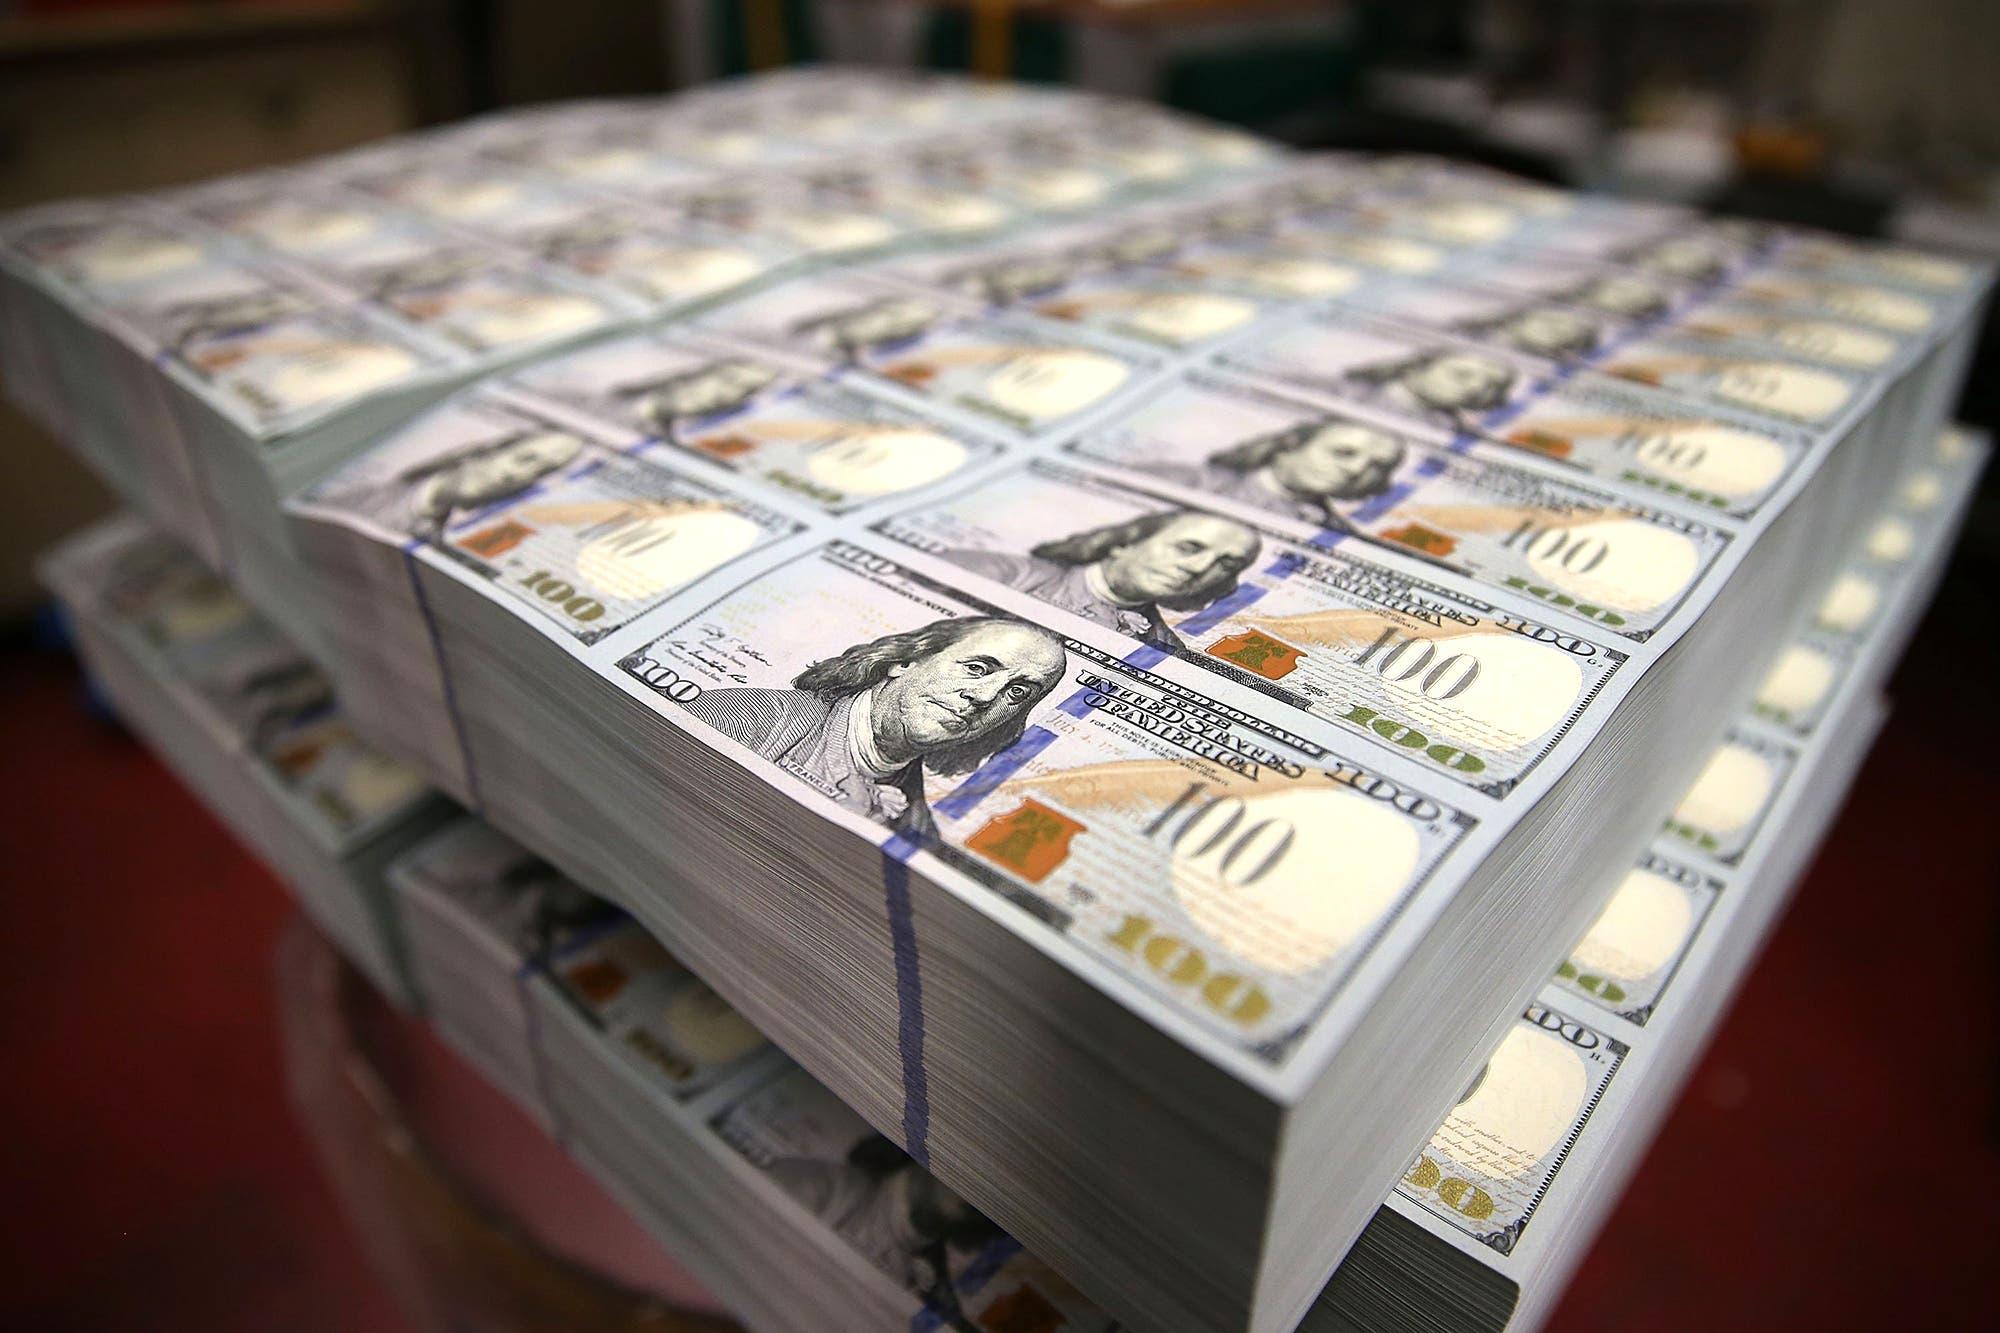 Dólar. Los bancos suspenden la venta para adaptar los sistemas a las nueva normas